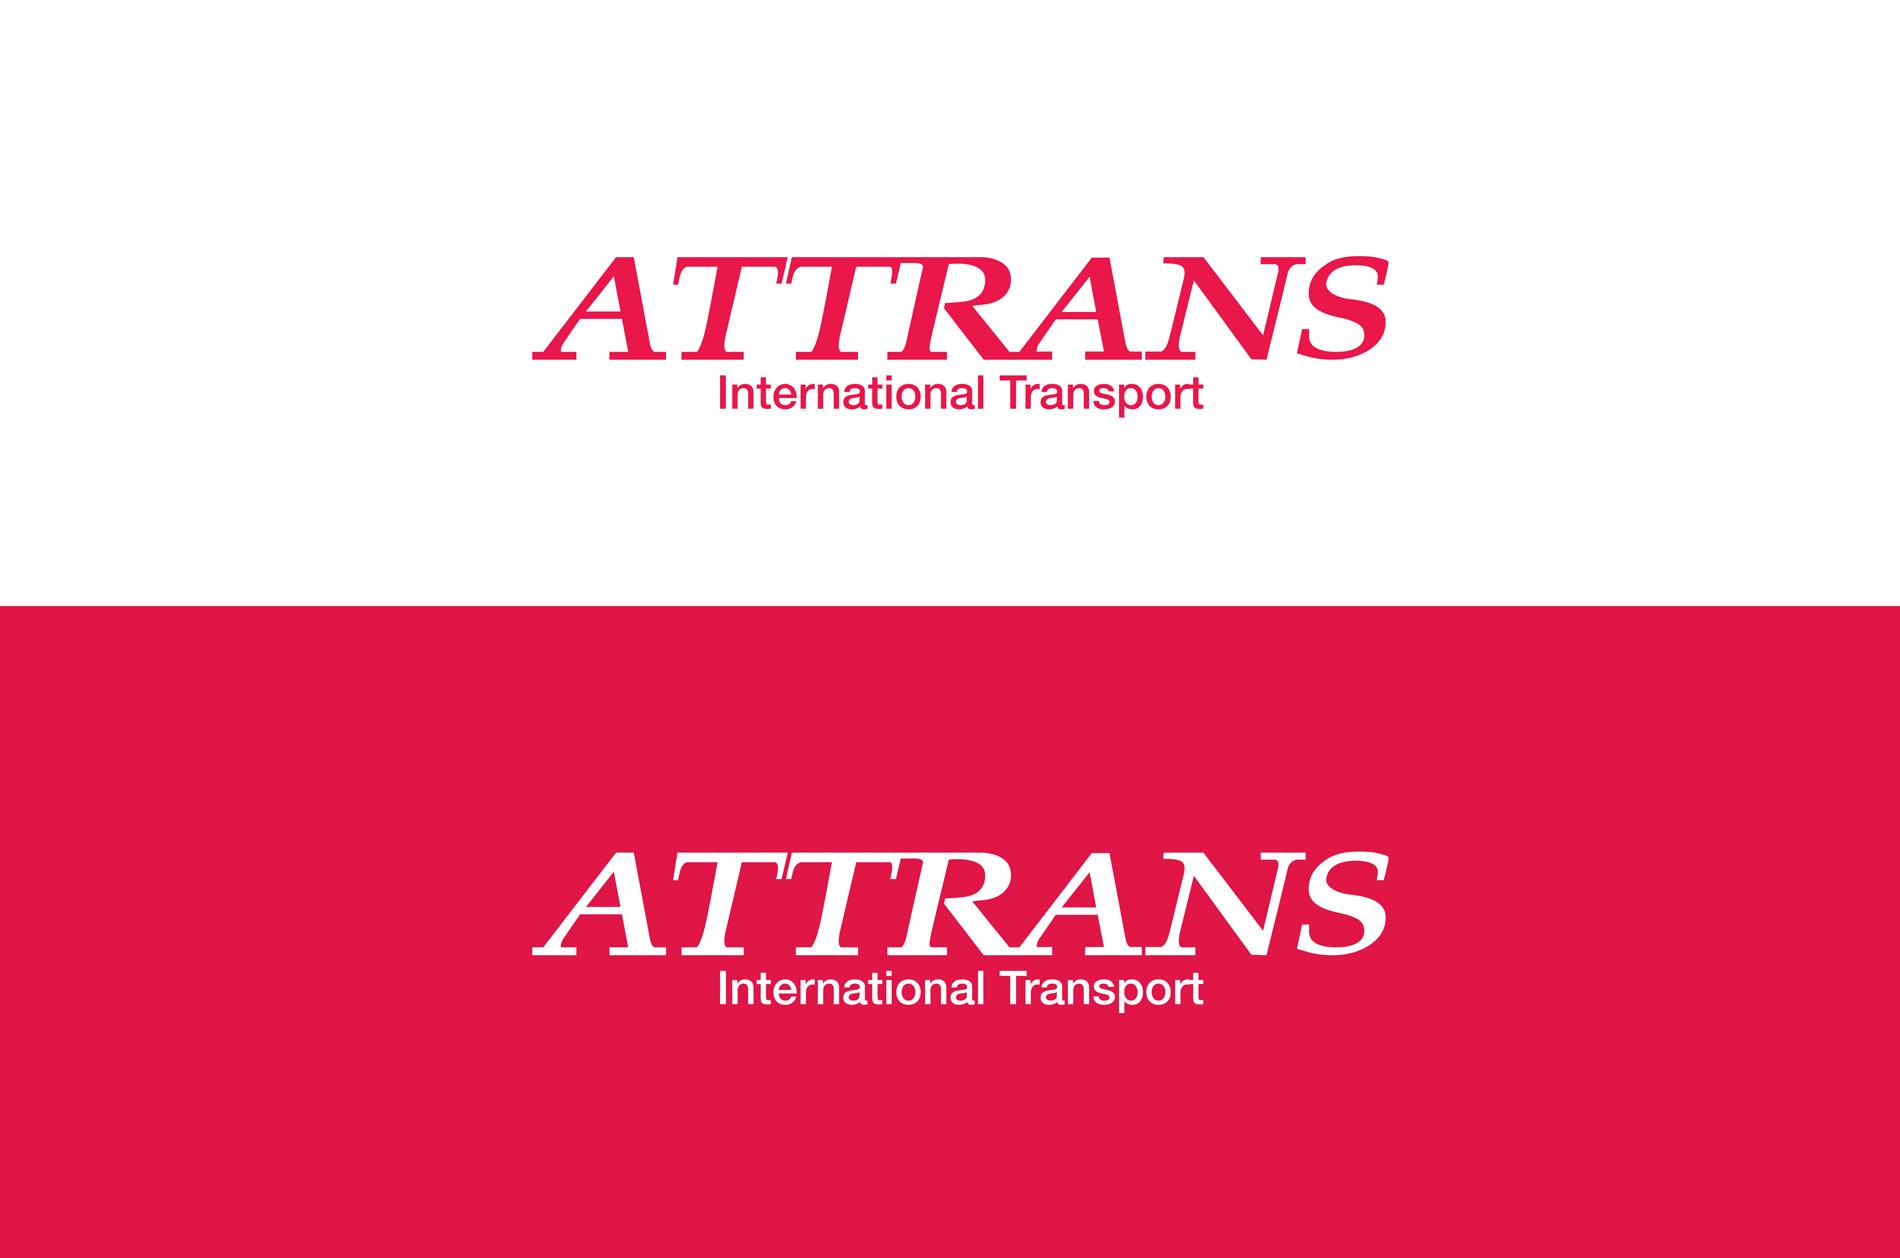 Attrans logo